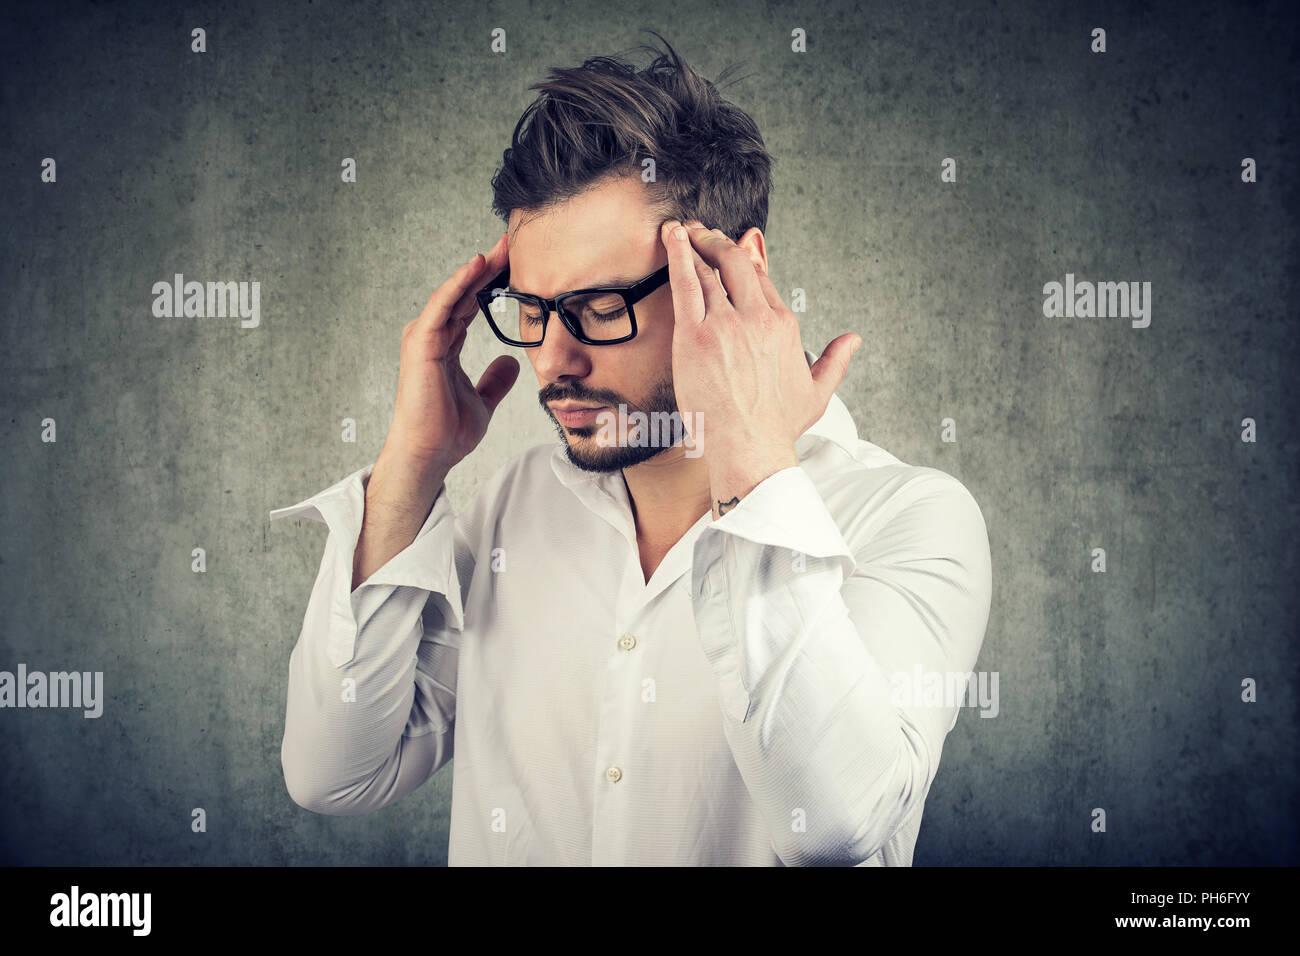 Uomo adulto in bicchieri tenendo le dita sulle tempie cercando di concentrarsi sul processo decisionale Immagini Stock